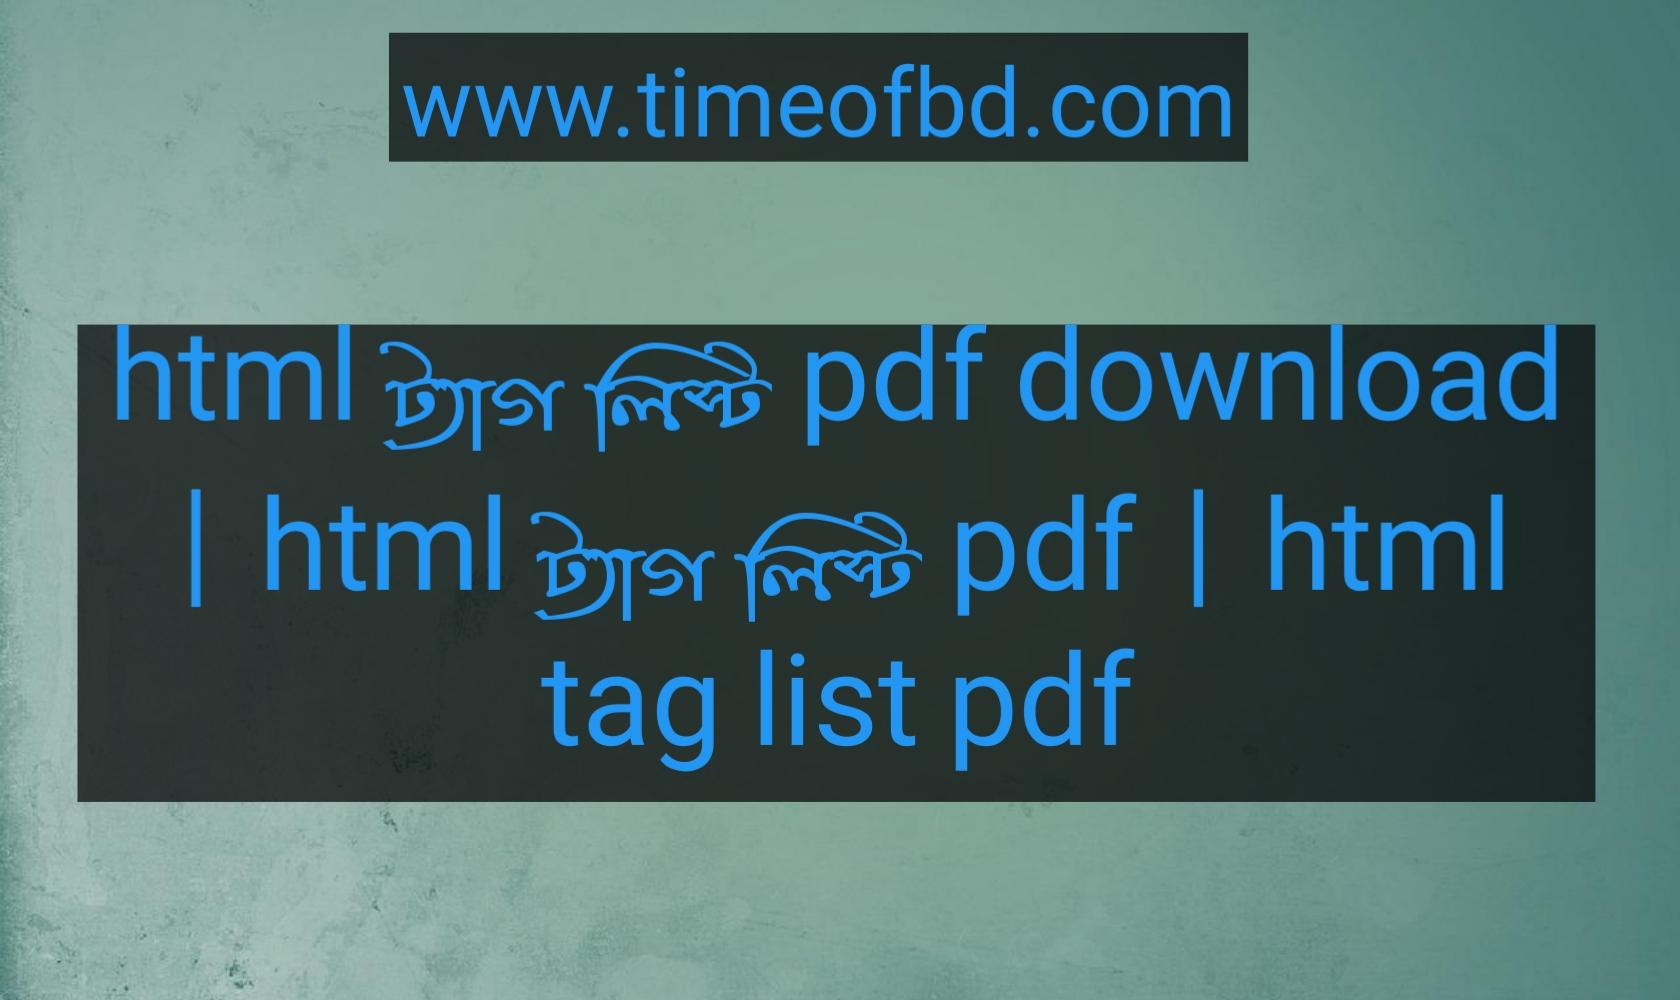 html ট্যাগ লিস্ট pdf download, html ট্যাগ লিস্ট pdf, html ট্যাগ লিস্ট পিডিএফ ডাউনলোড, html ট্যাগ লিস্ট পিডিএফ,